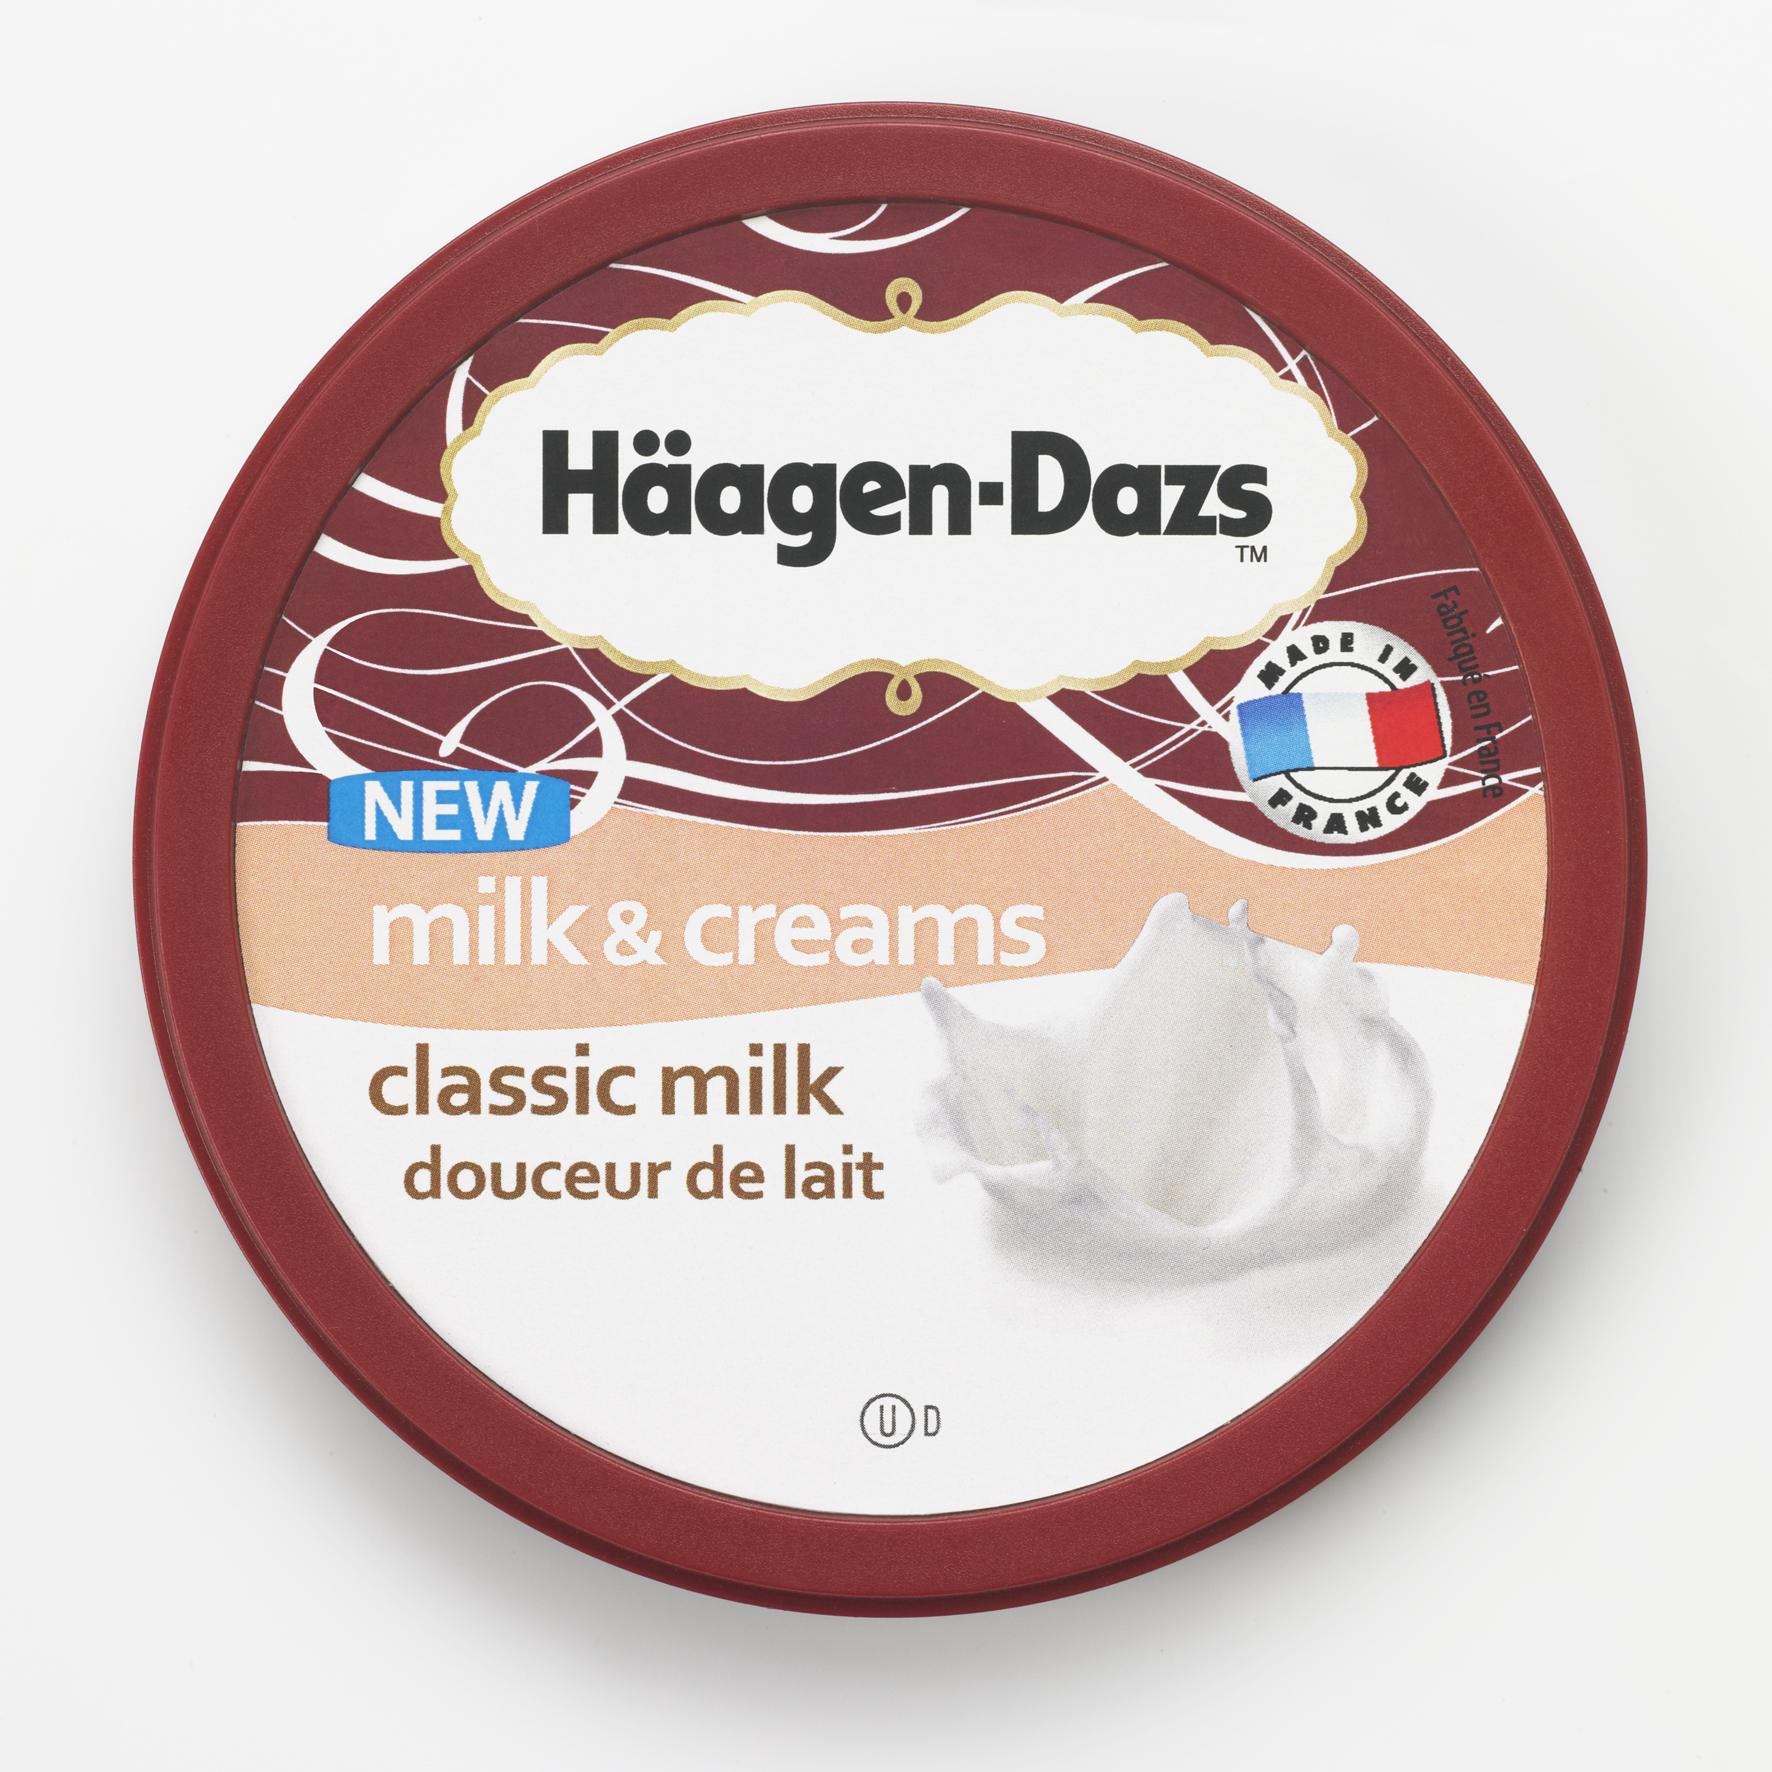 Classic-Milk-Couvercle-haagen-dazs